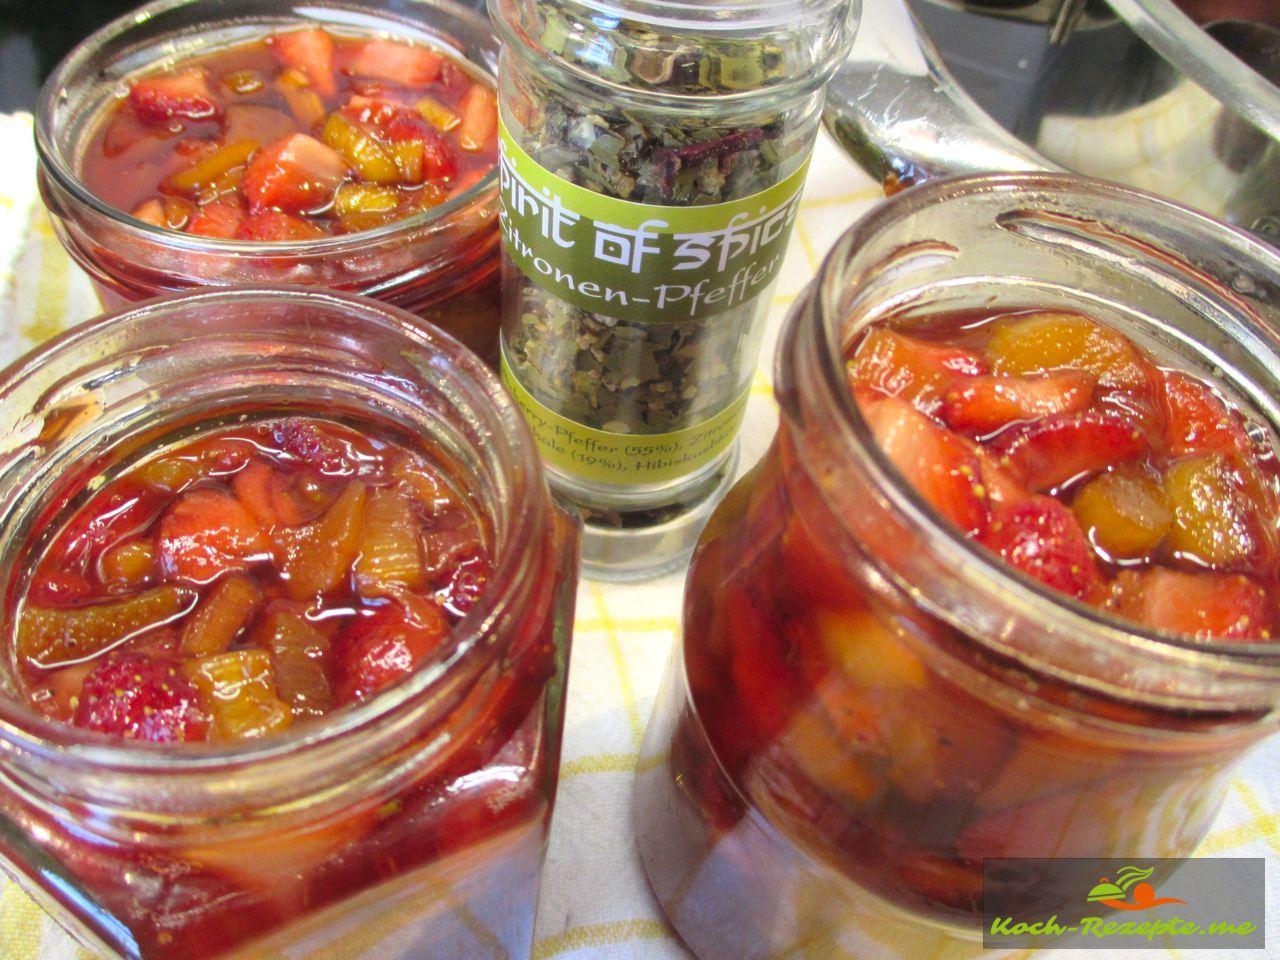 Würzige Marmelade köstlich im Geschmack Zitronen-Pfeffer von Spirit of Spice